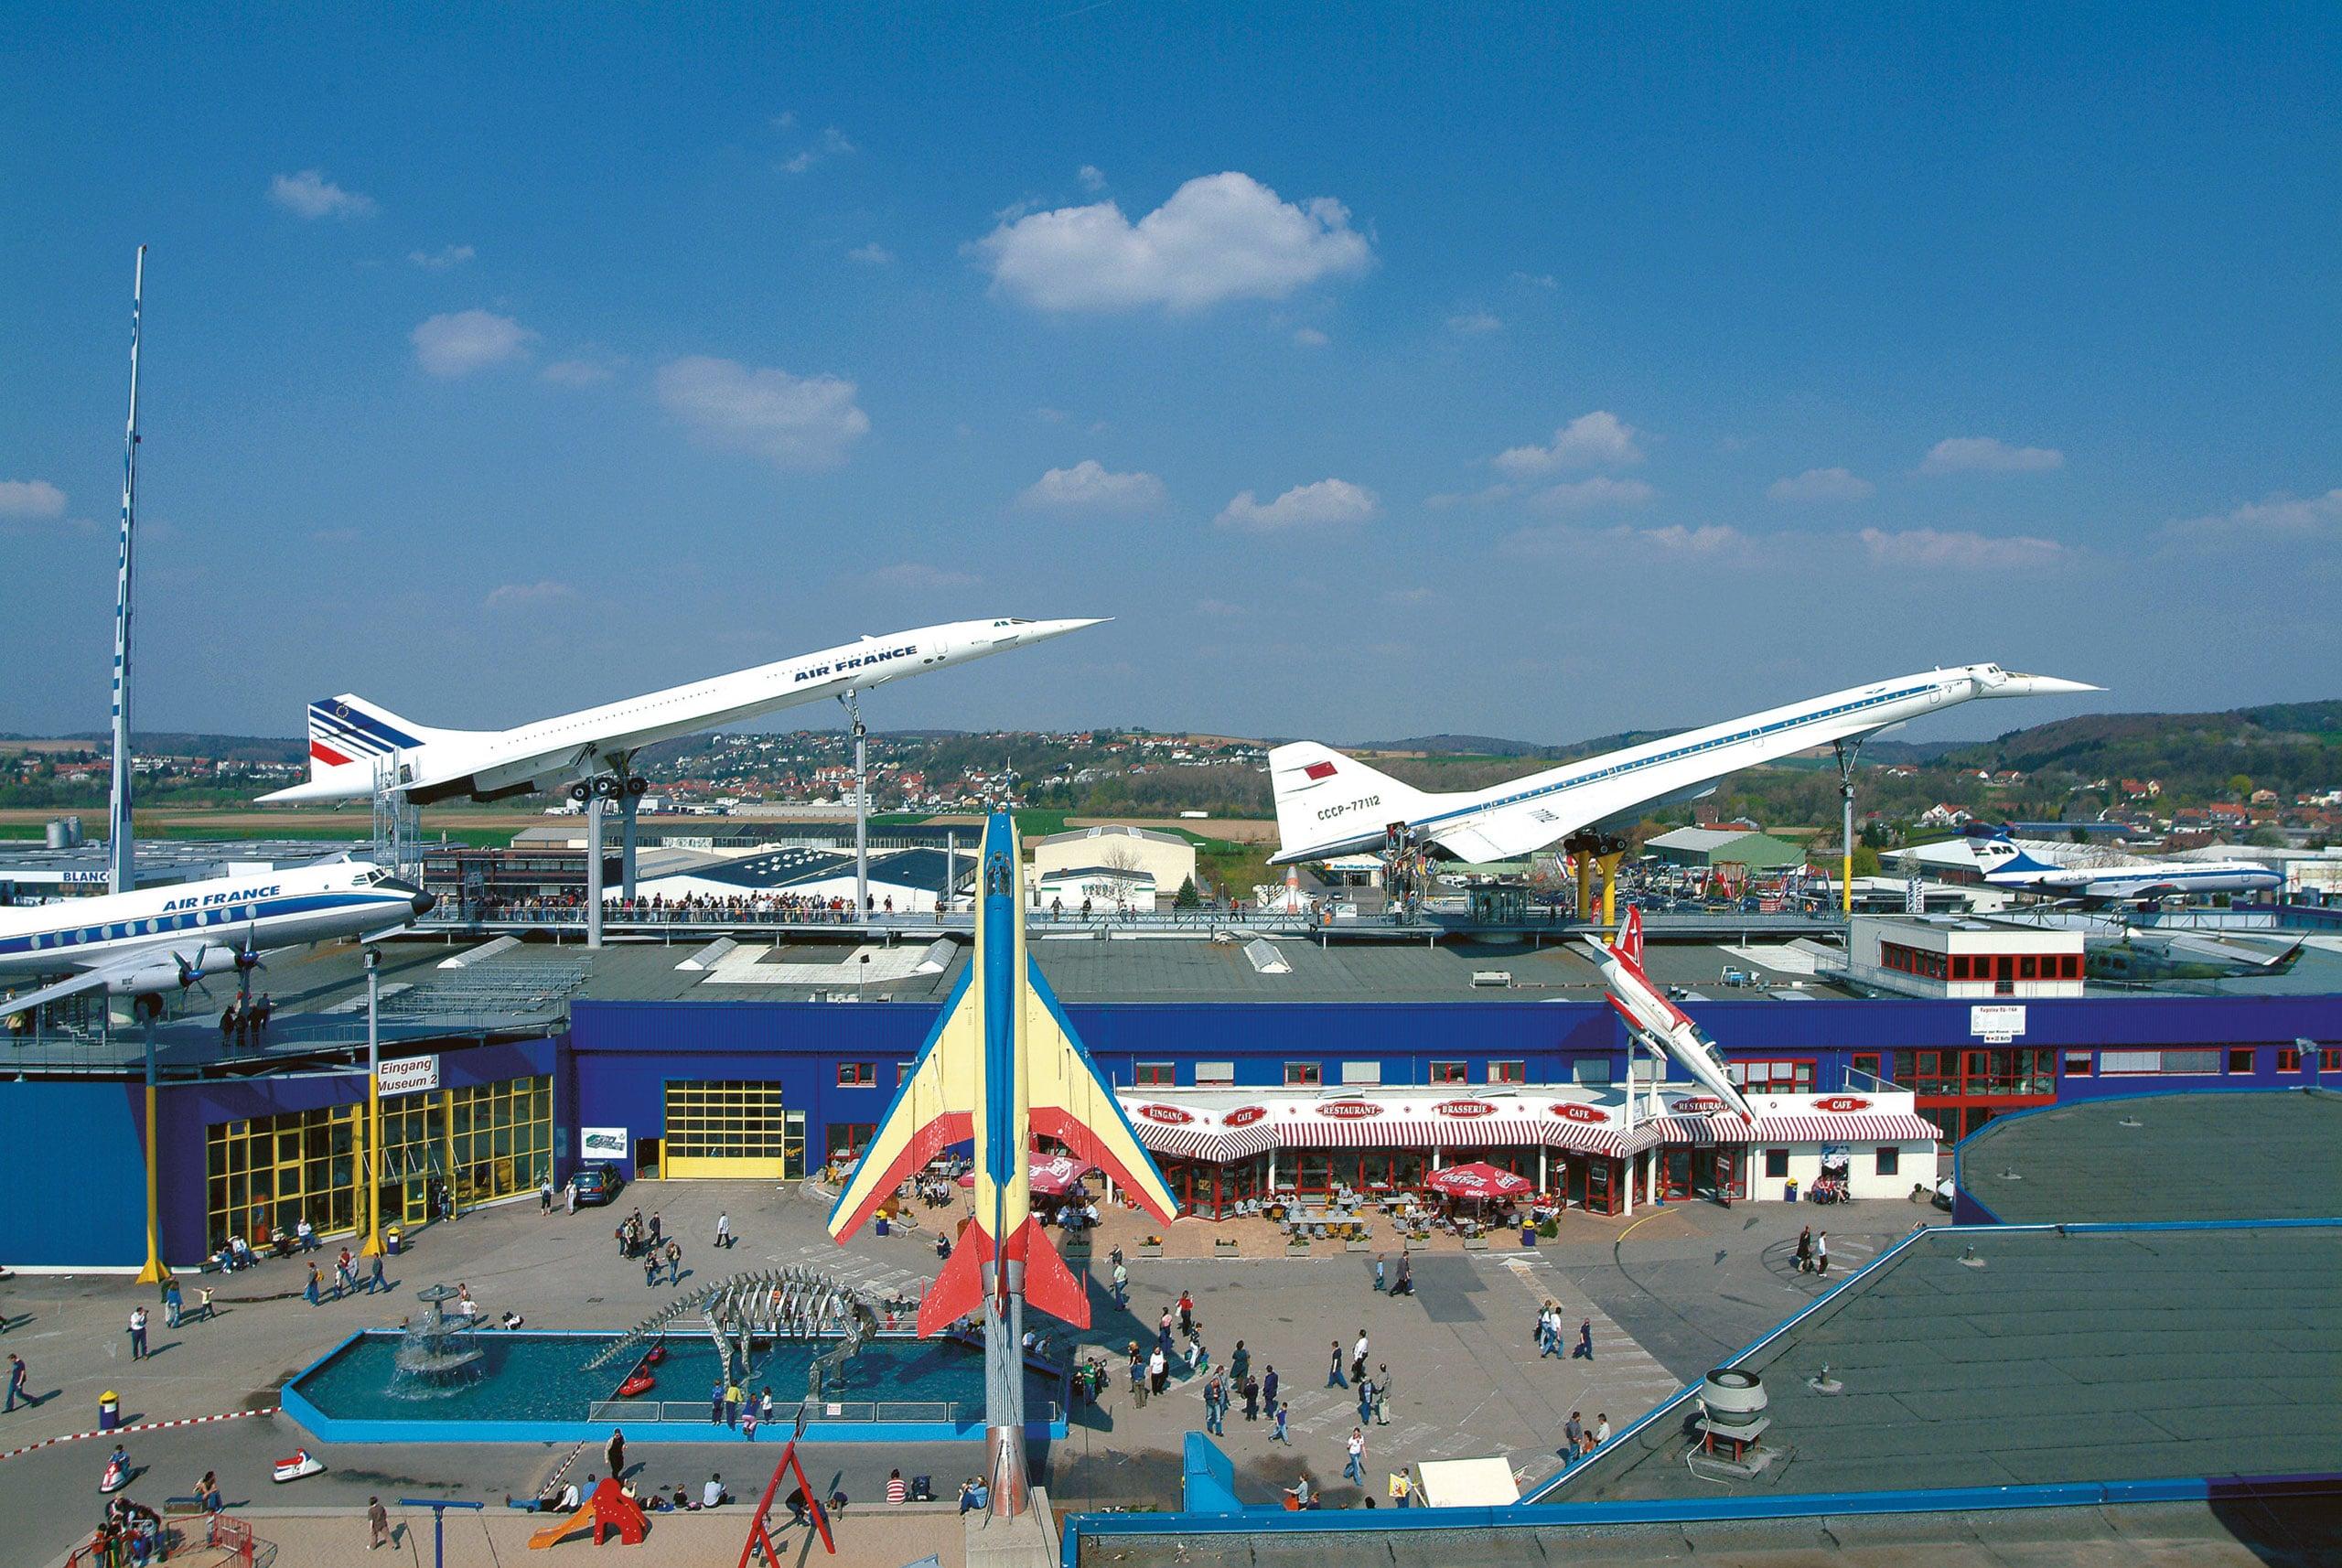 Ausflugsziele Sinzheim Museum Concorde-Tu-144